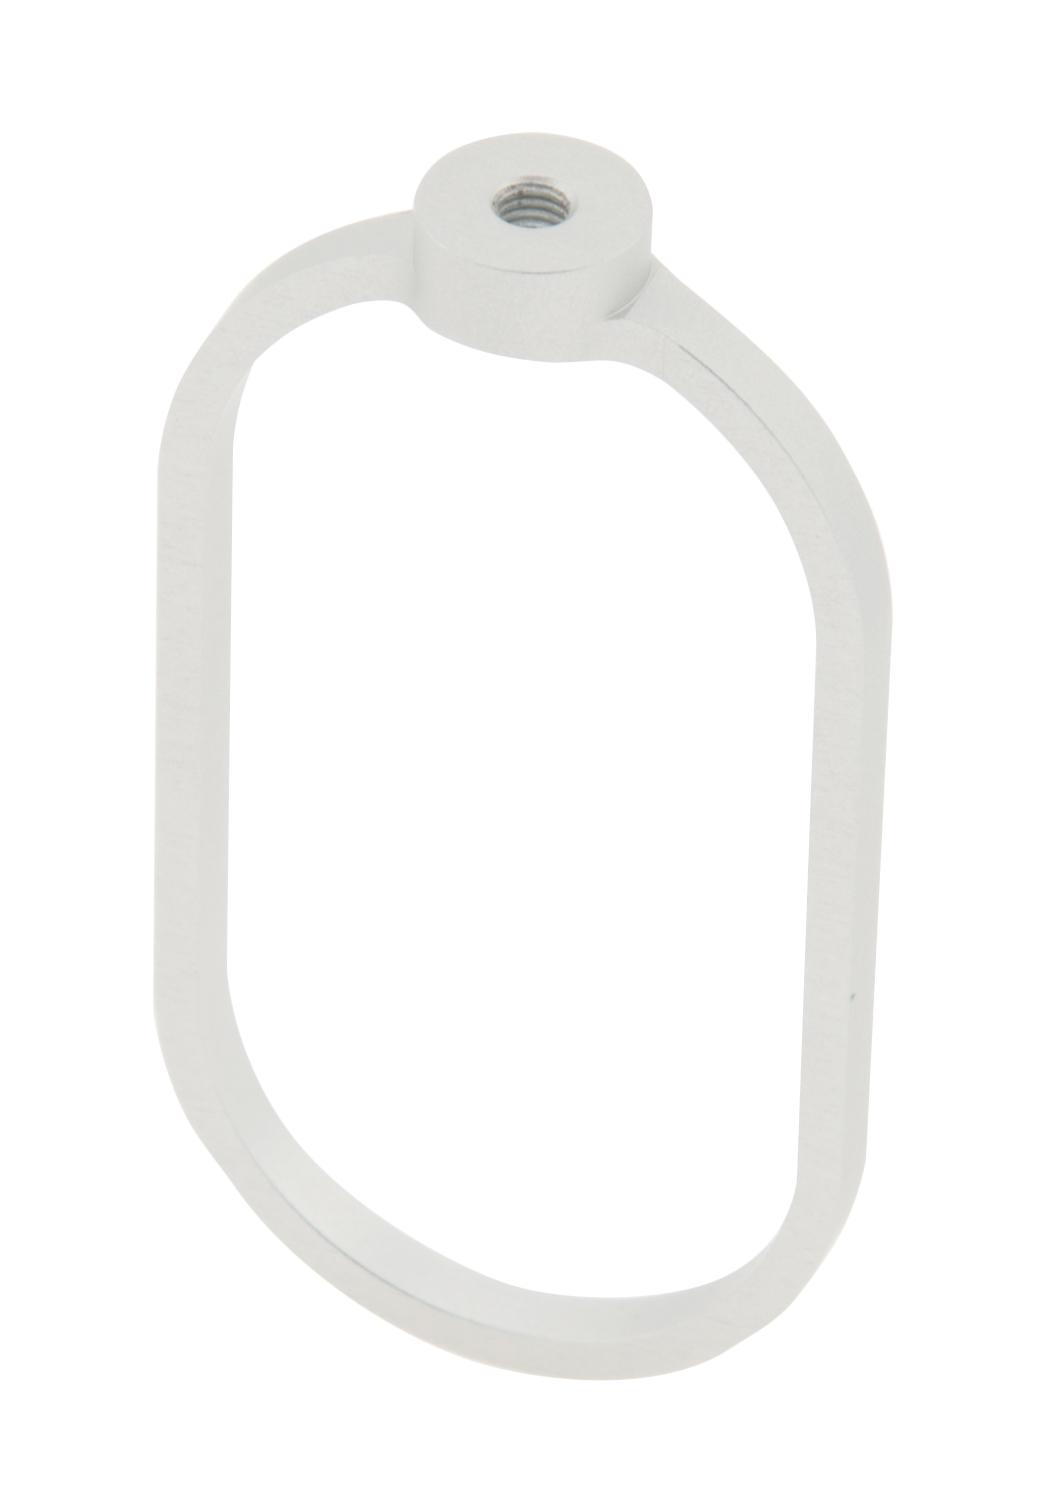 1 Stk TBH Profilhalter rund vertikal für Seilabhänger LIPZ009002